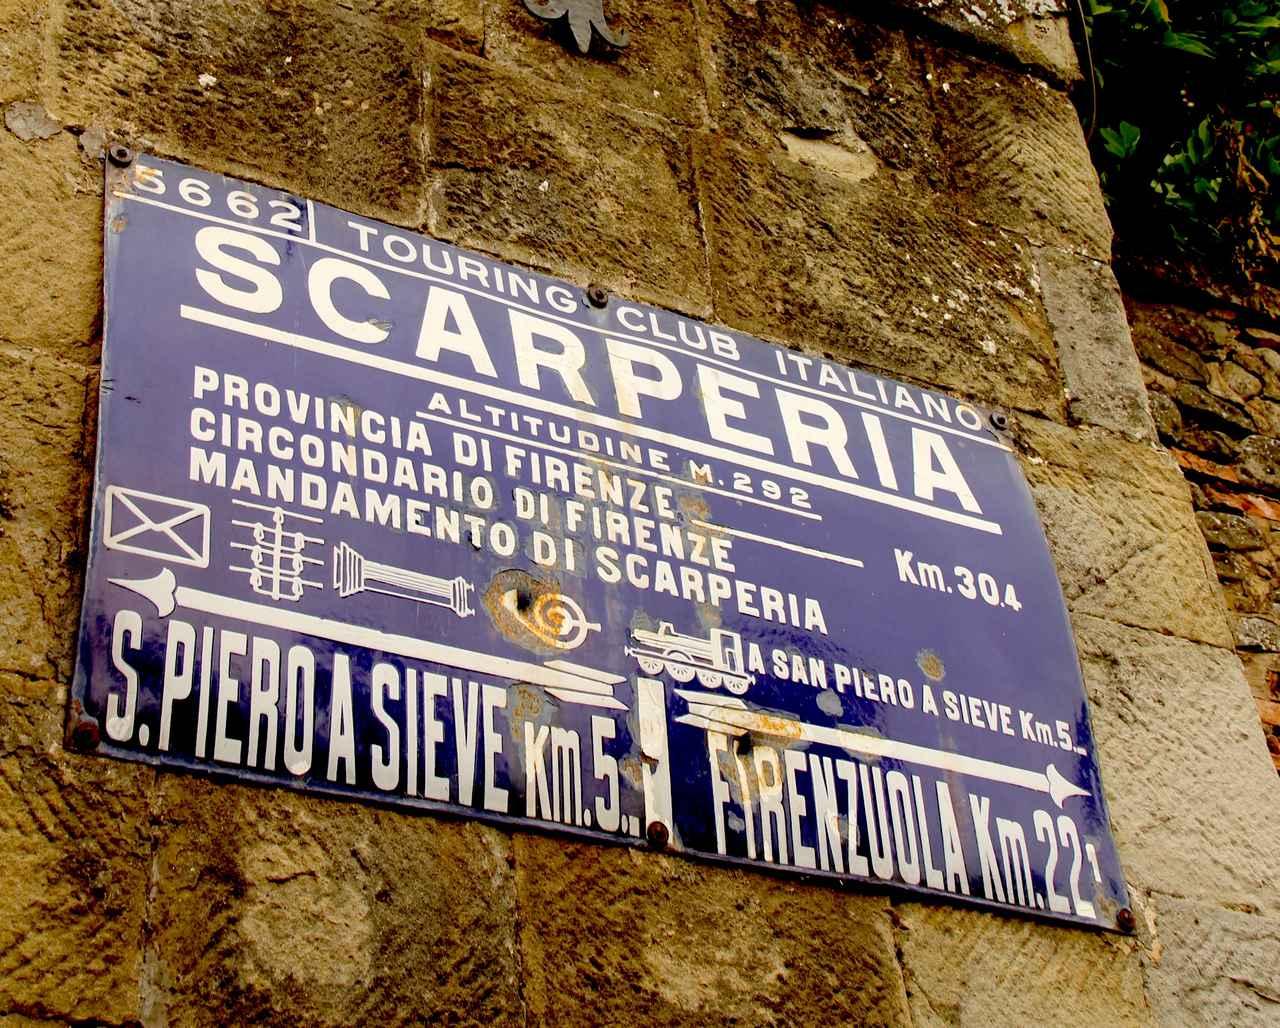 画像: スカルペリーアの町内で。イタリア自動車クラブが20世紀中盤に貼り付けたと思われる道路標識が今も残されていた。